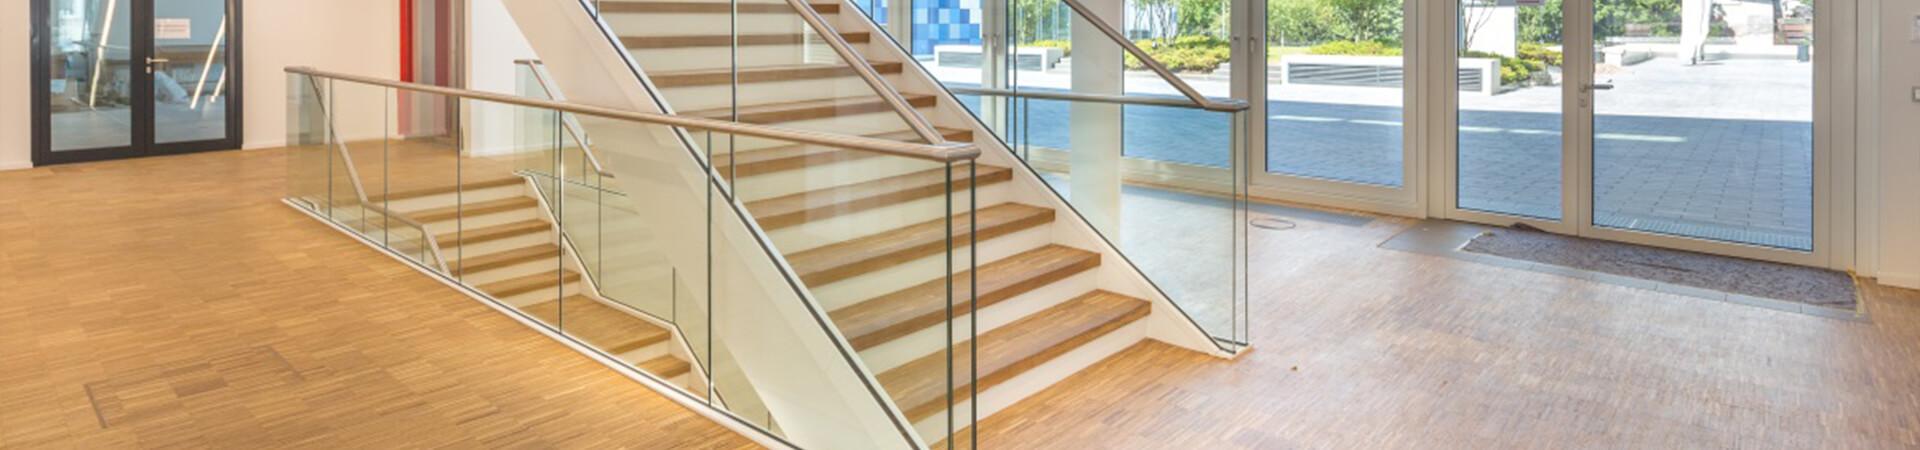 Glasgeländer Balardo Steel von Glassline